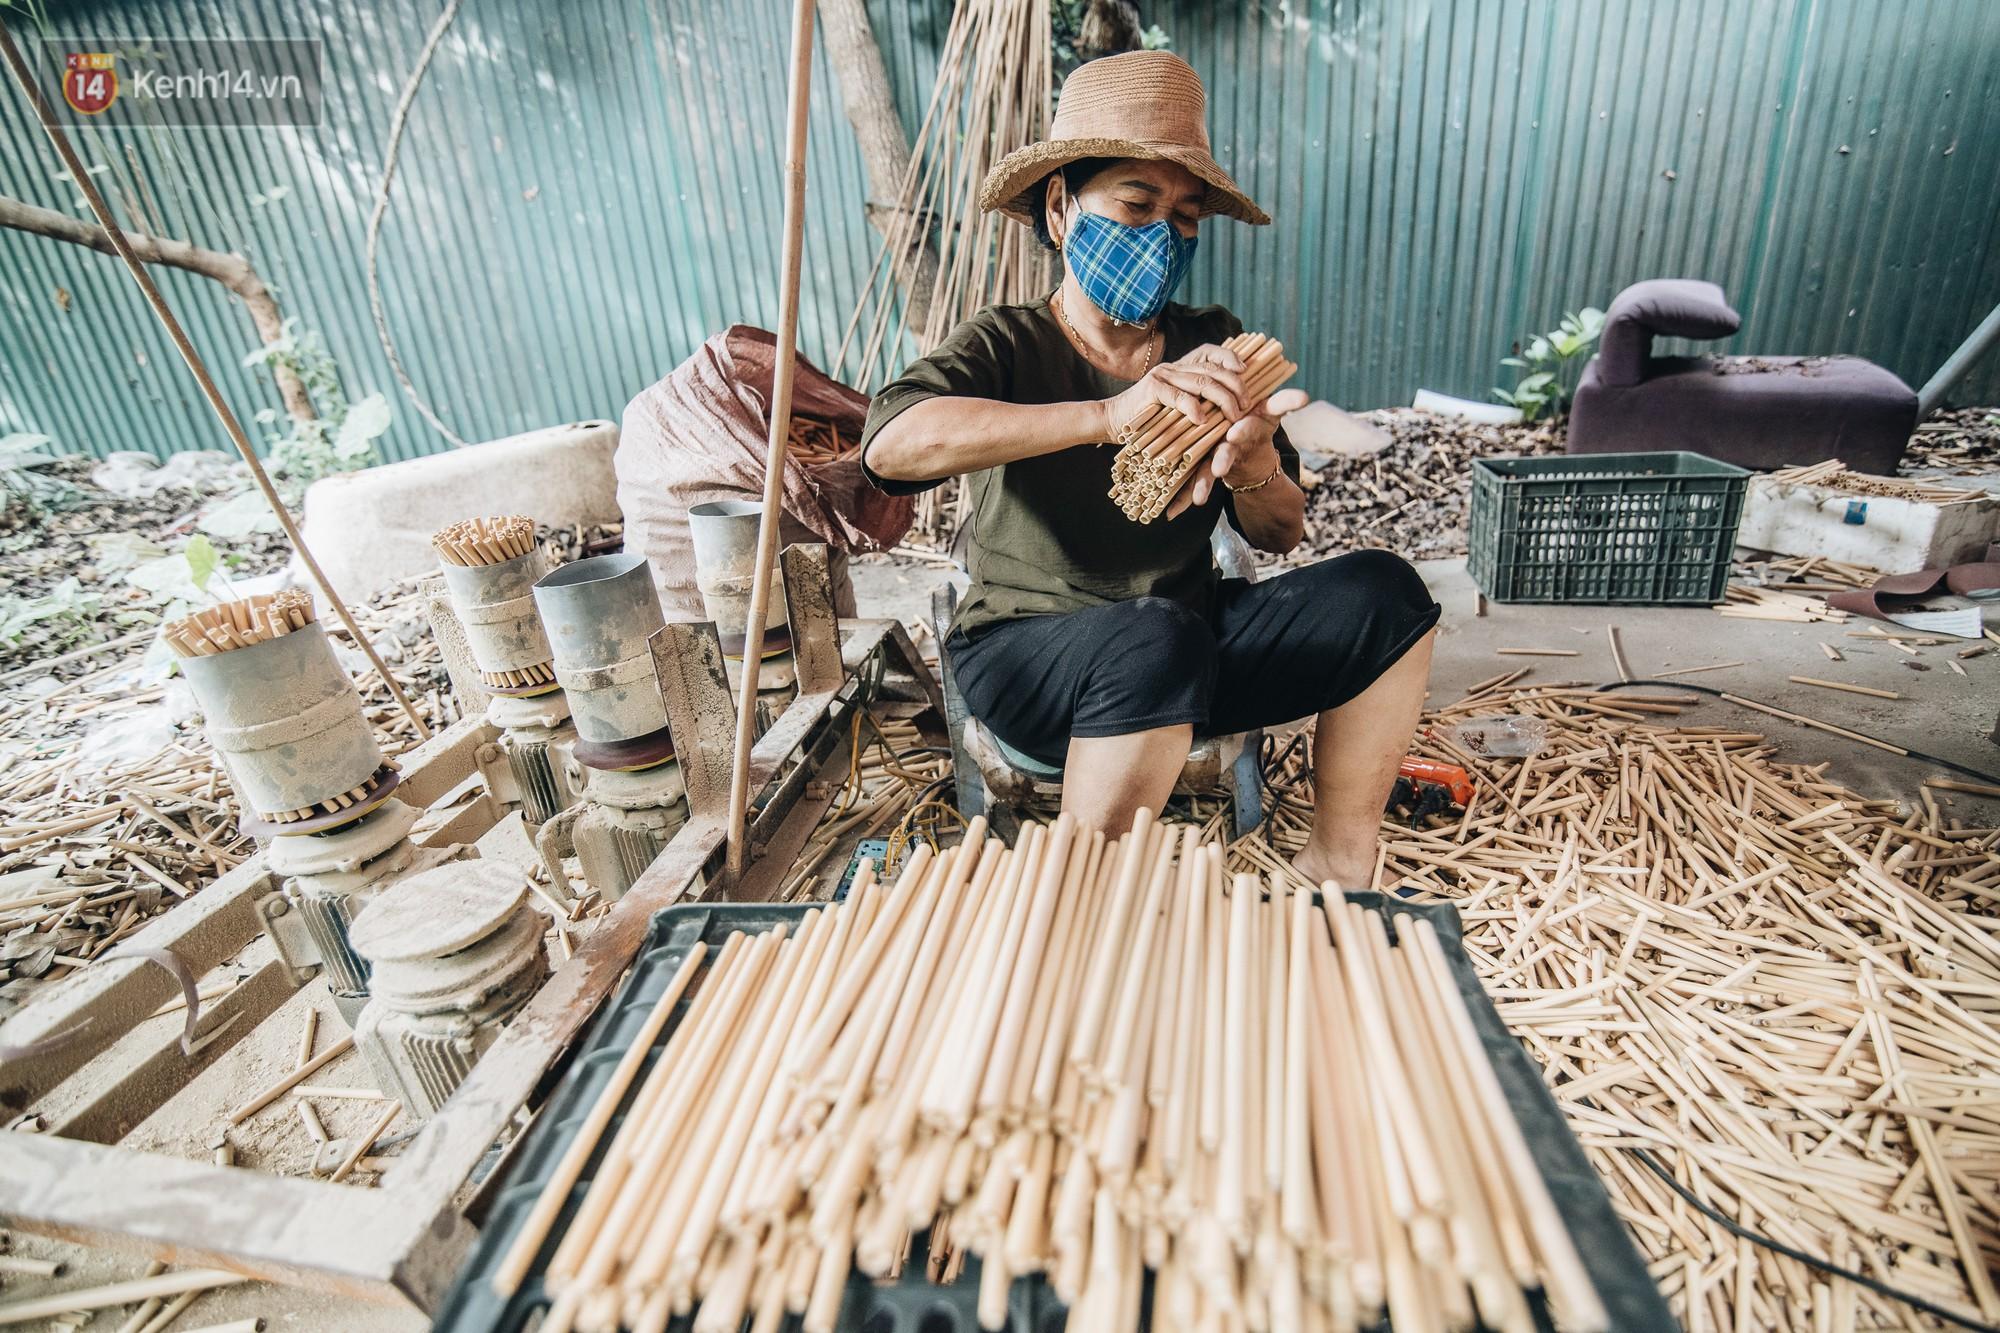 Câu chuyện thú vị về chàng trai đưa ống hút tre Việt Nam ra thế giới: Thu gần 10 tỷ đồng/tháng, 12 năm miệt mài thi ĐH vì đam mê - Ảnh 6.